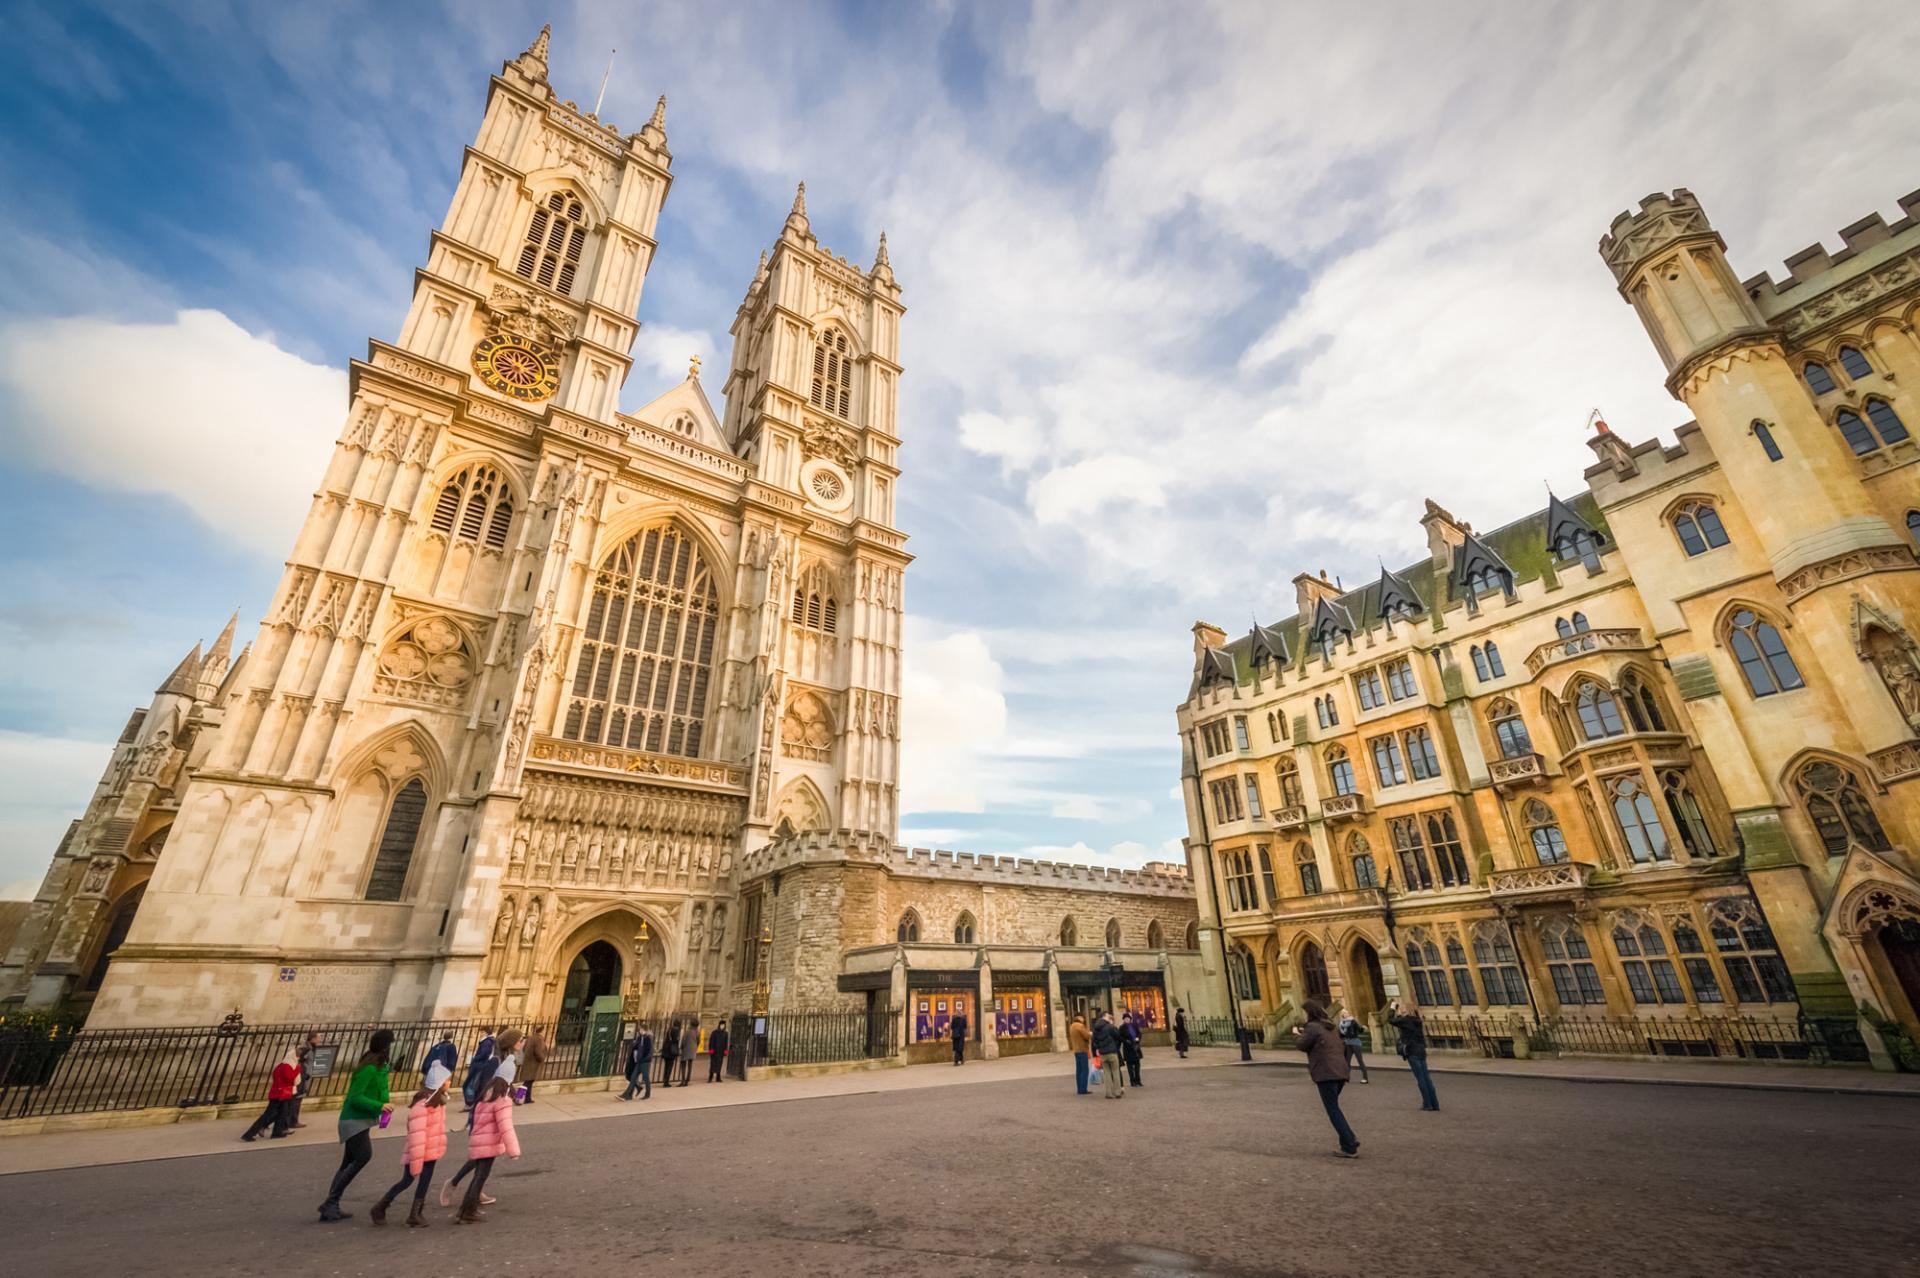 La Abadía de Westminster en Londres